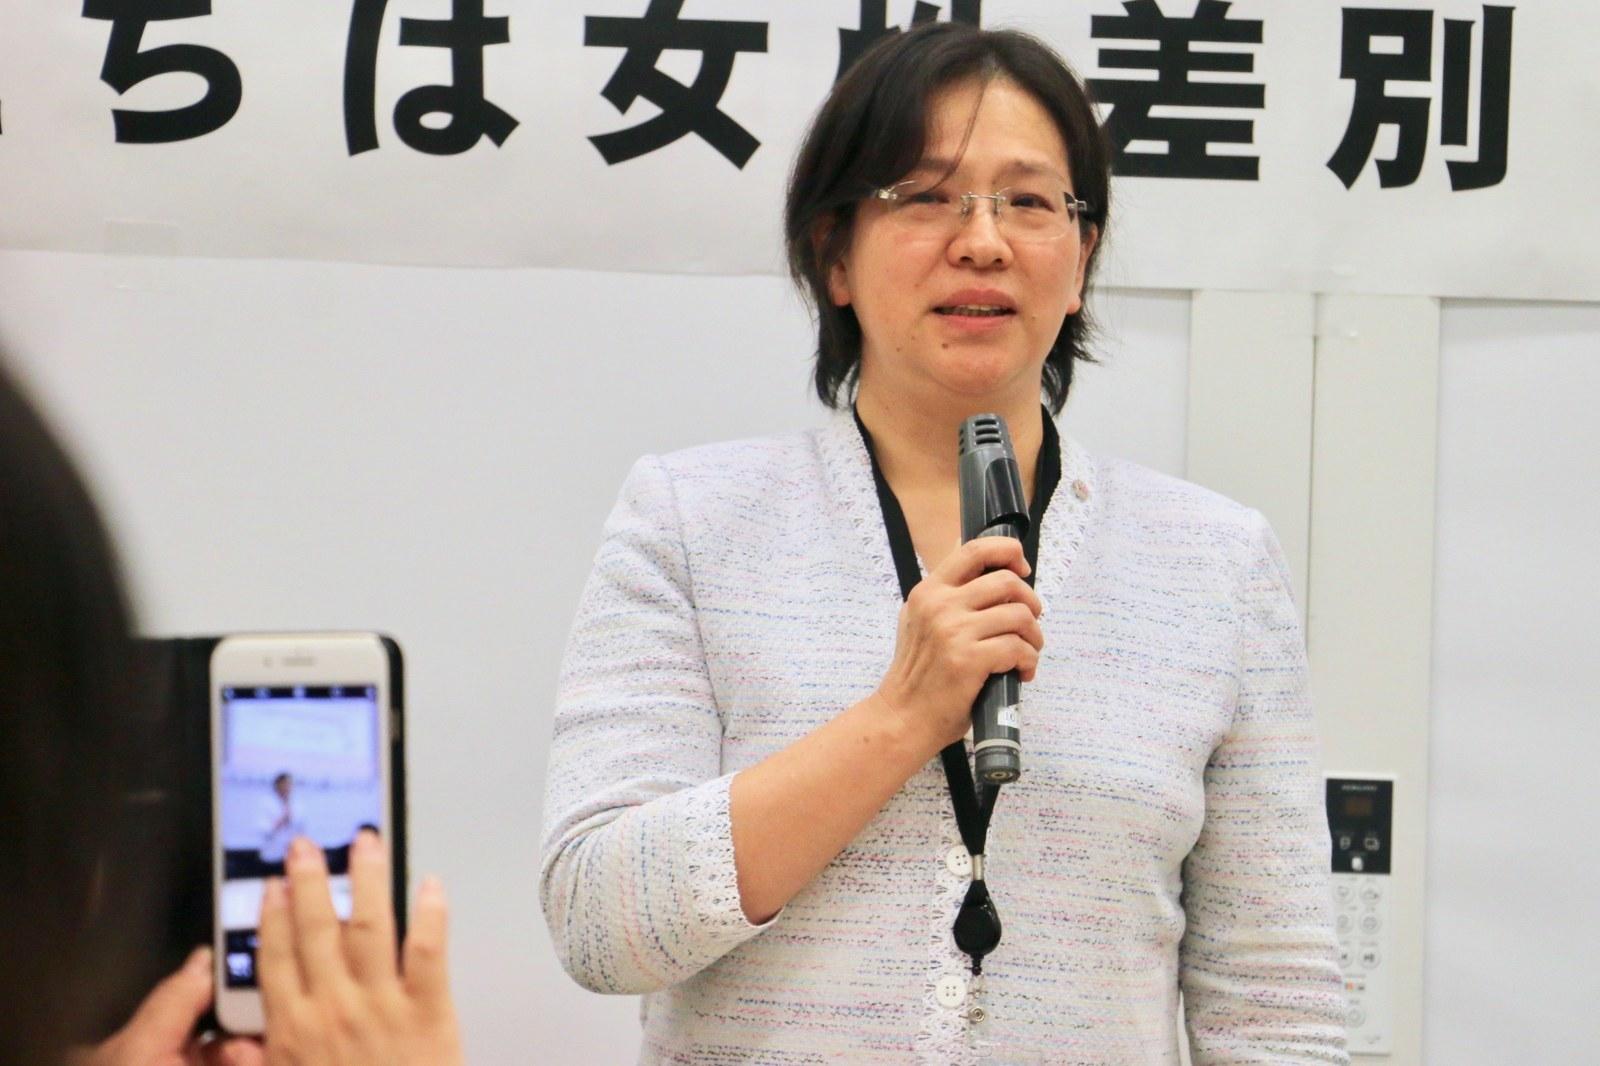 「受験生は物じゃない」「娘の頑張りは」 東京医大を受けた当事者、家族が声を上げる。